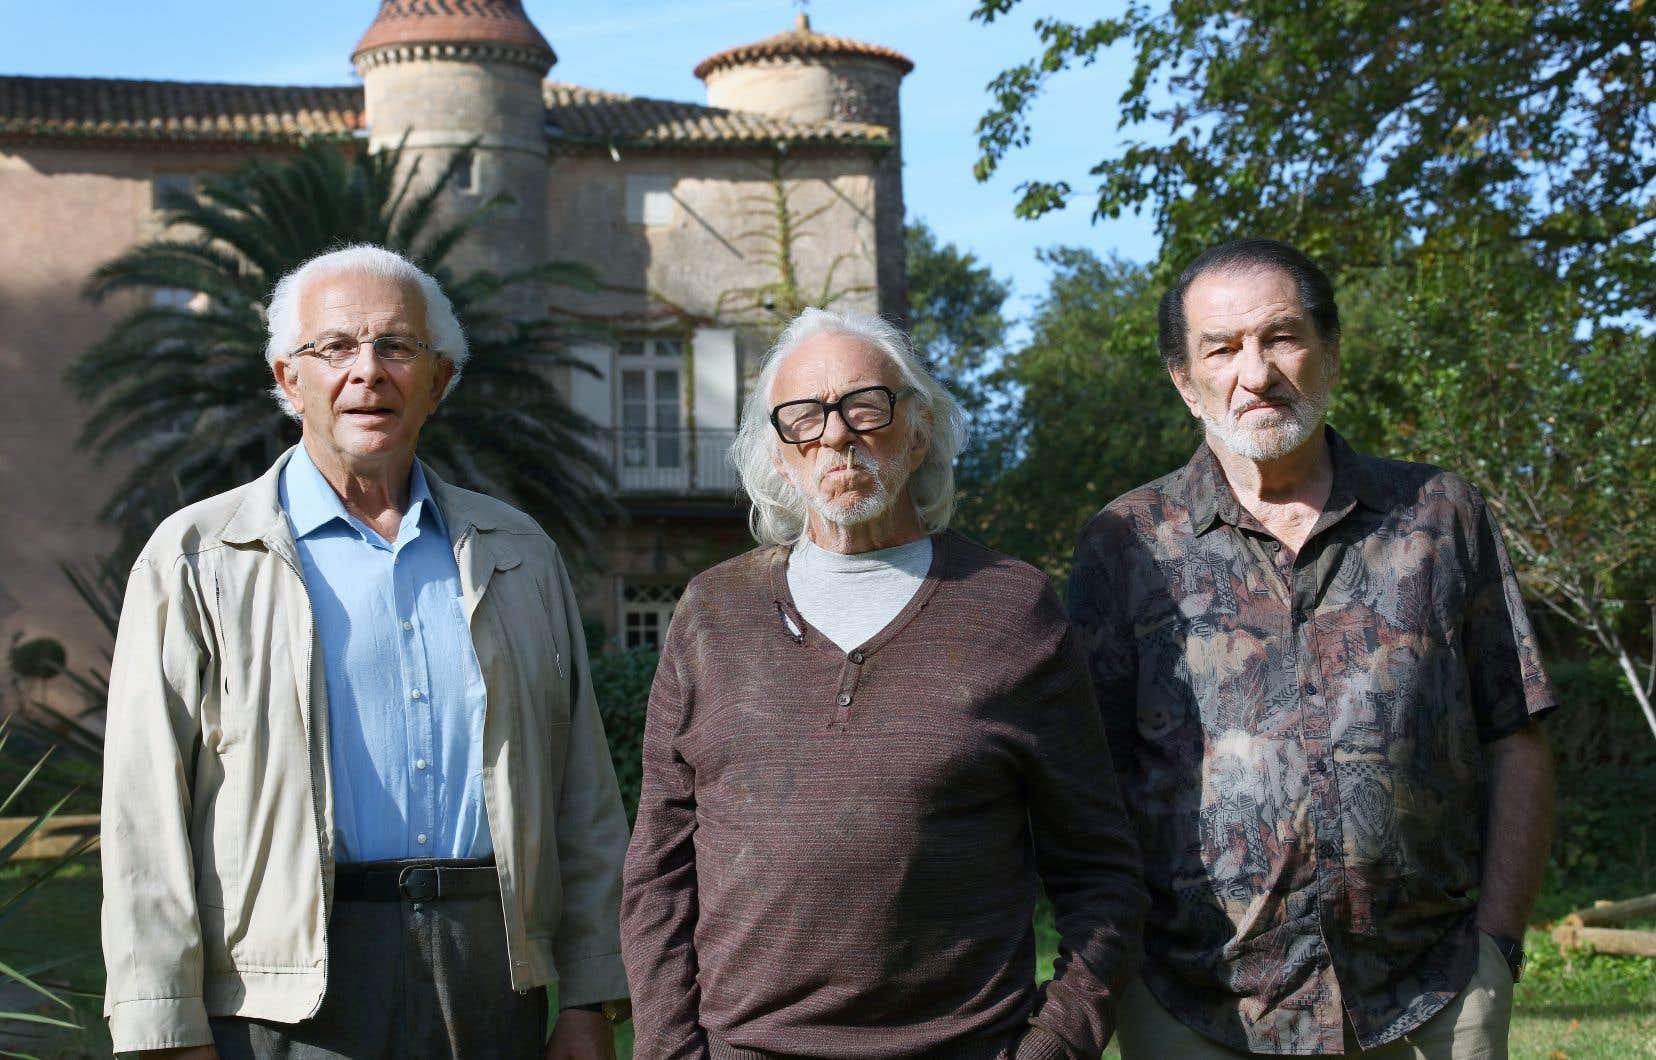 Roland Giraud, Pierre Richard et Eddy Mitchell donnent vie au trio infernal imaginé par les bédéistes Paul Cauuet et Wilfrid Lupano.